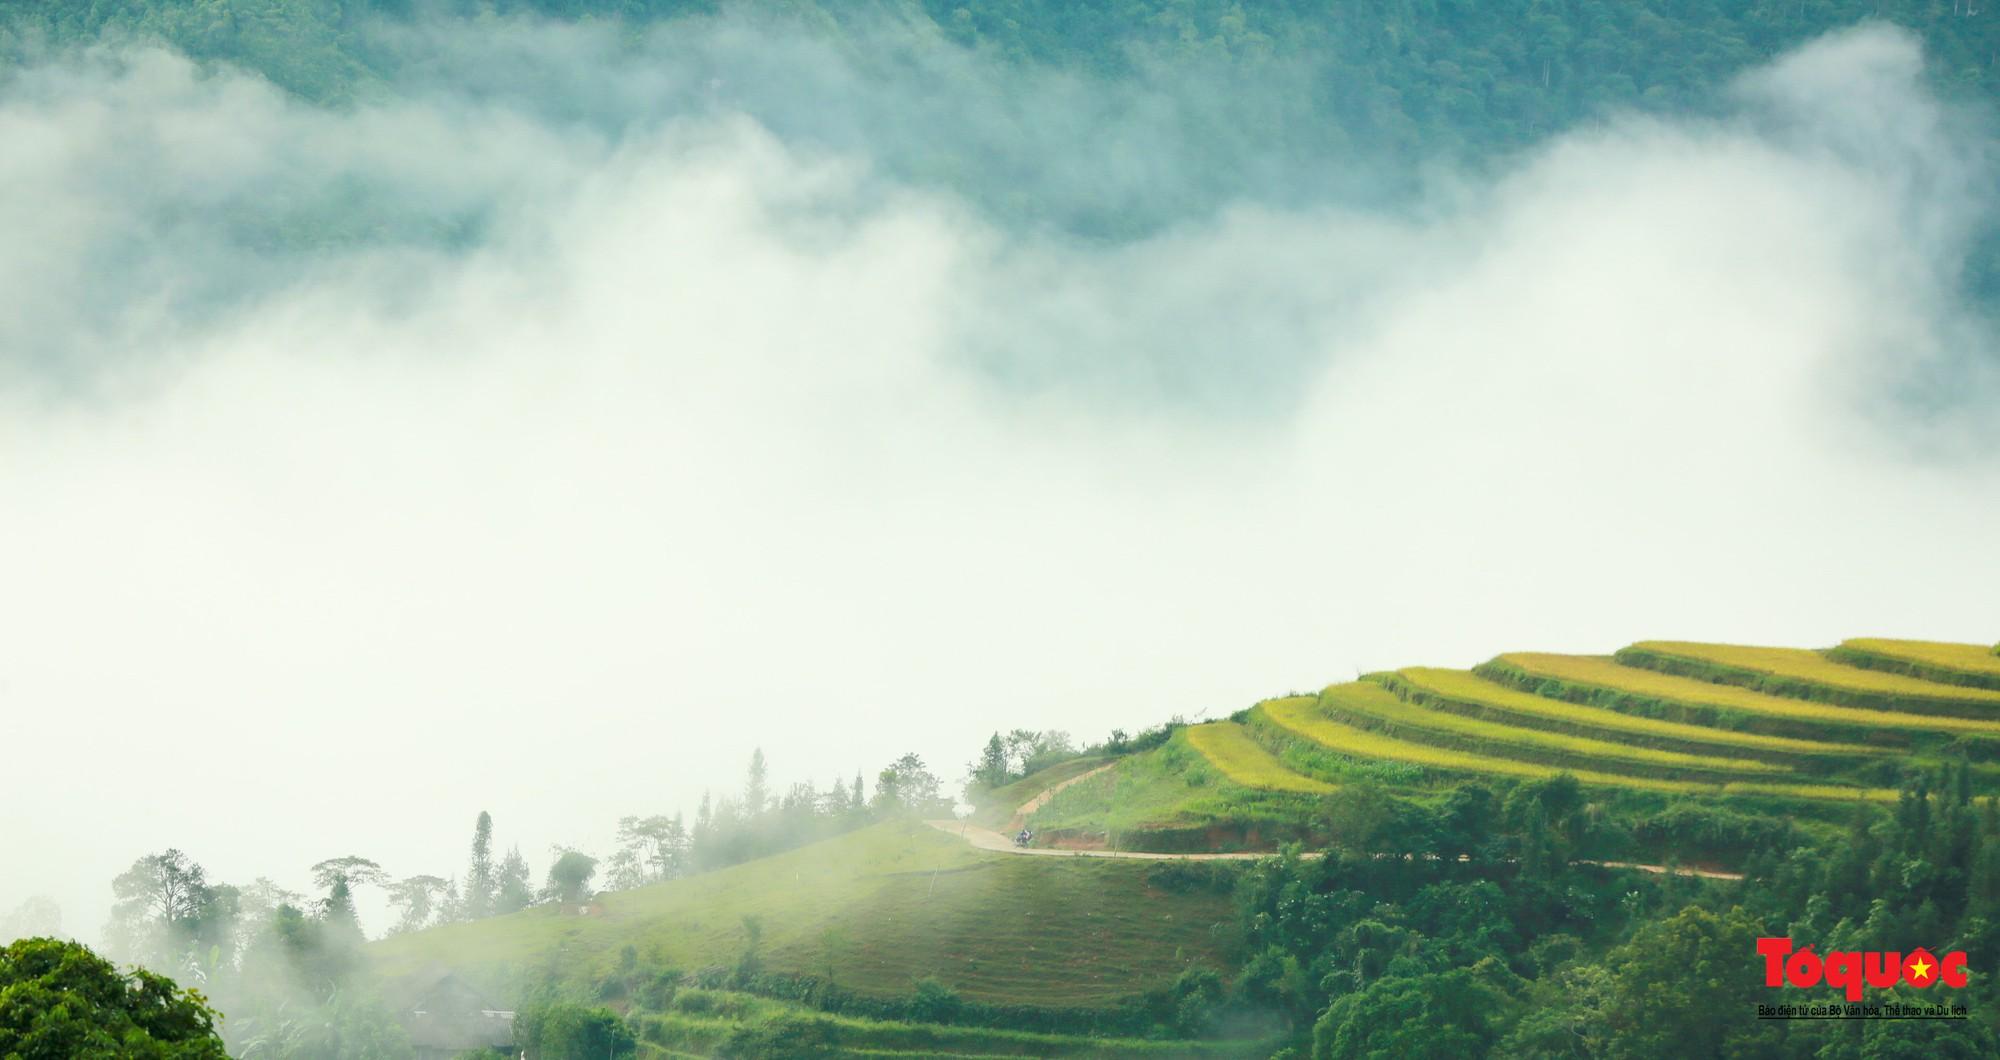 Chiêm ngưỡng vẻ đẹp ngỡ ngàng mùa lúa chín vàng của Hoàng Su Phì  - Ảnh 14.